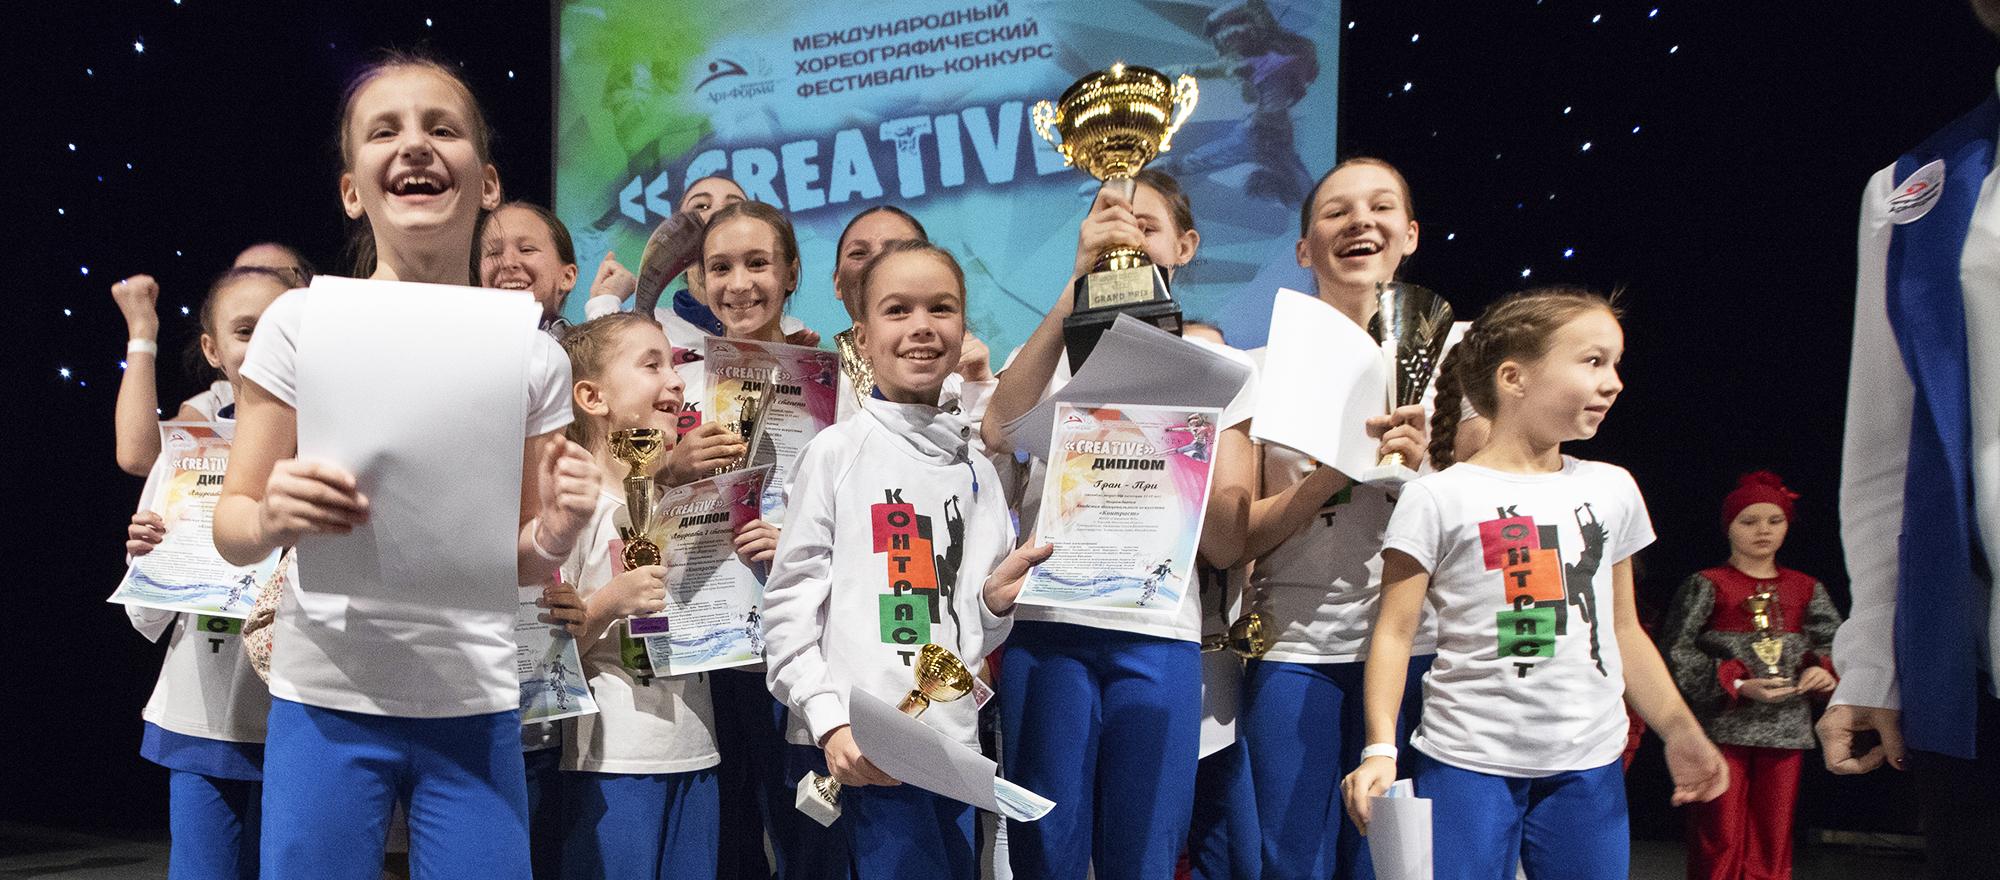 Креатив фестиваль конкурс гран при академия контраст